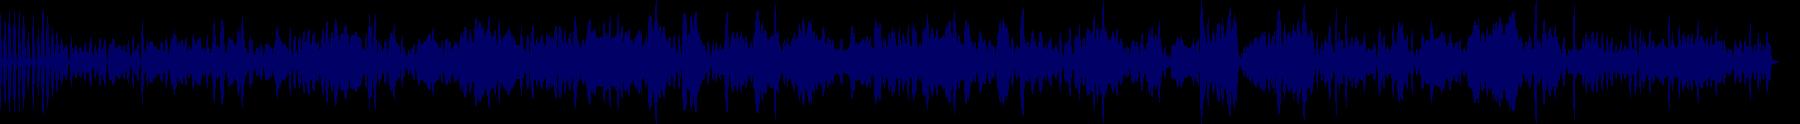 waveform of track #48005